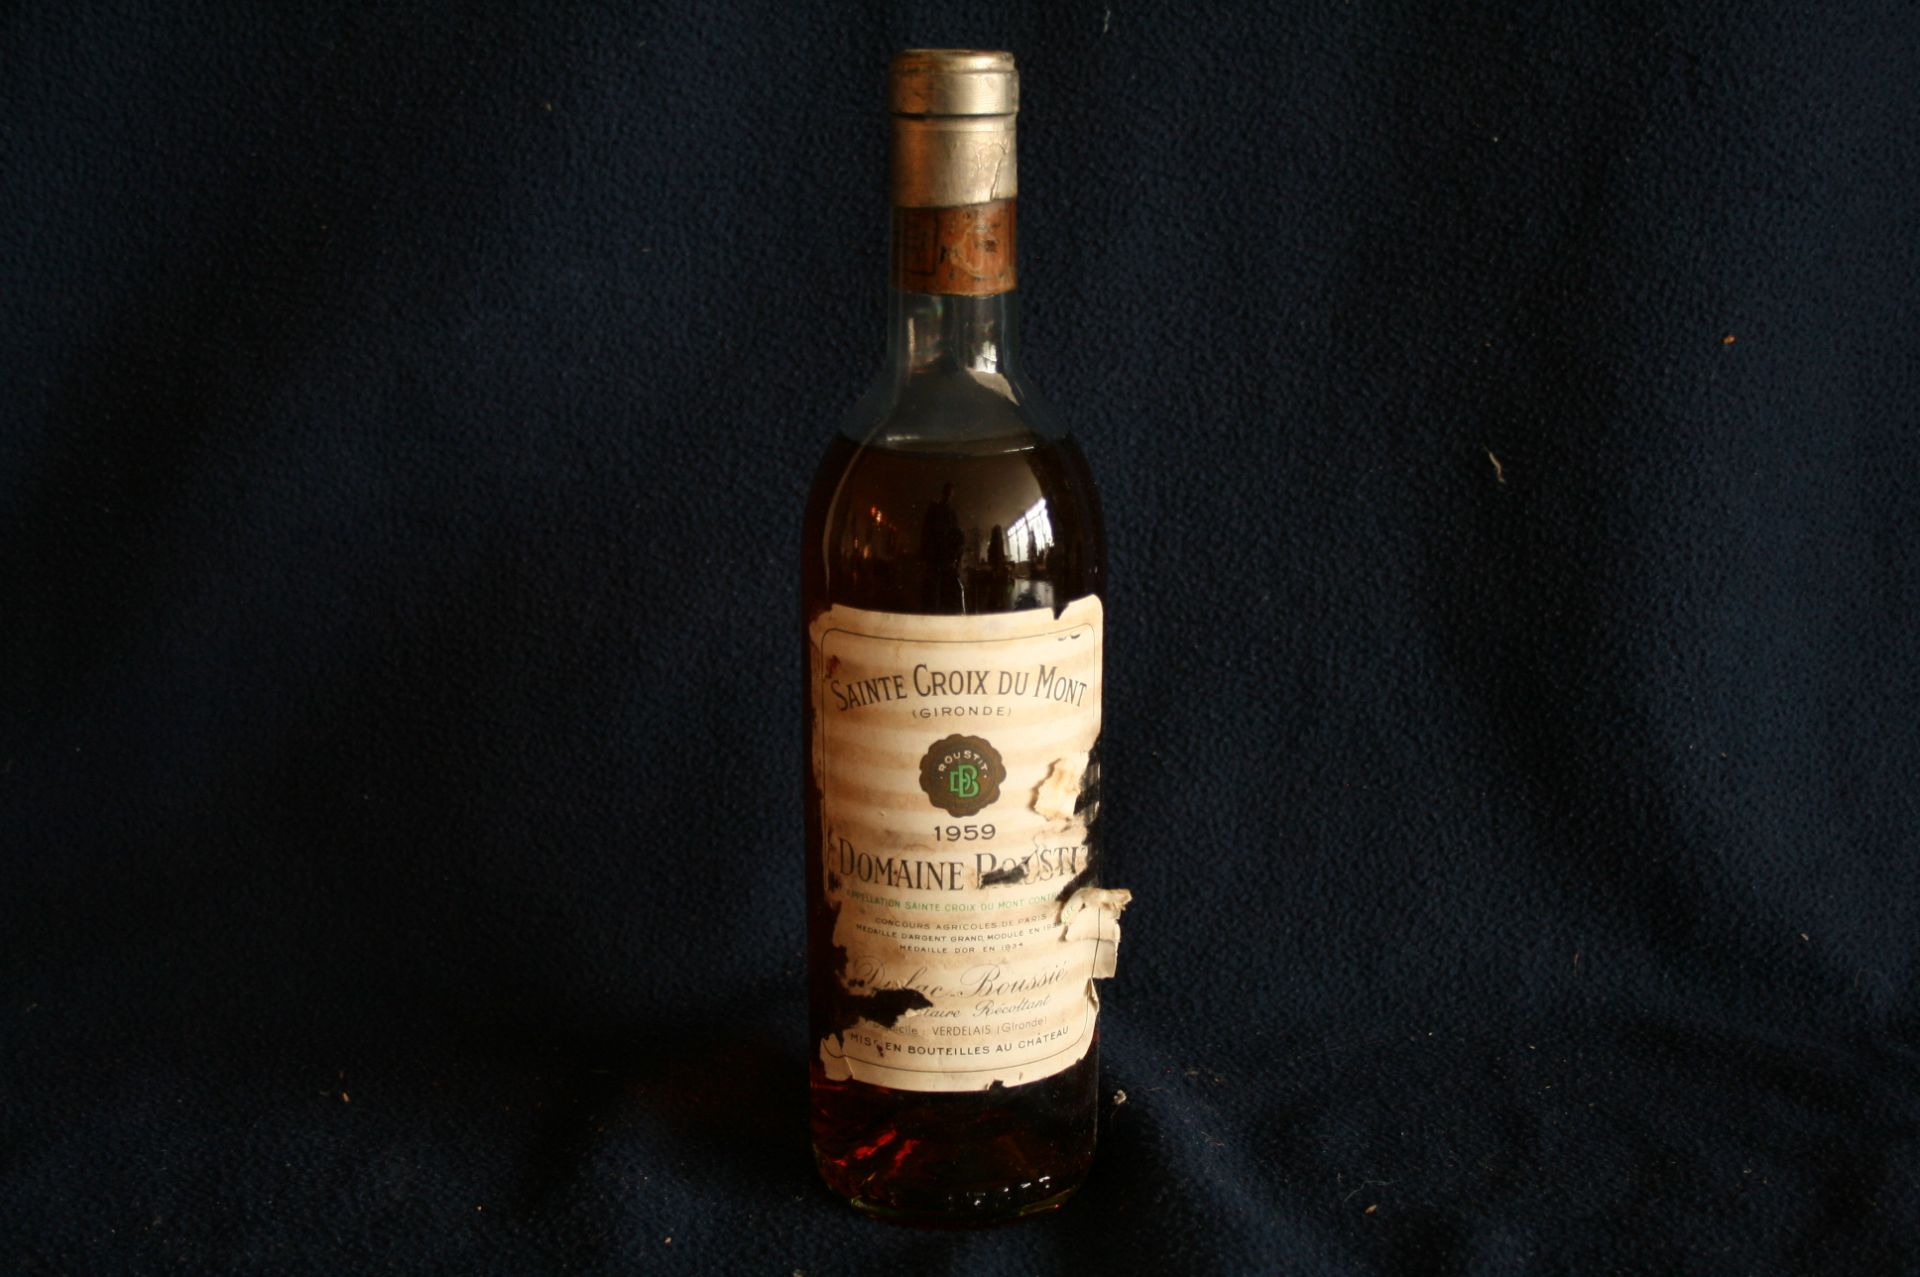 """Los 58 - Domaine ROUSTIT de l'appellation """"Sainte Croix du Mont"""", millésime 1959, étiquette [...]"""